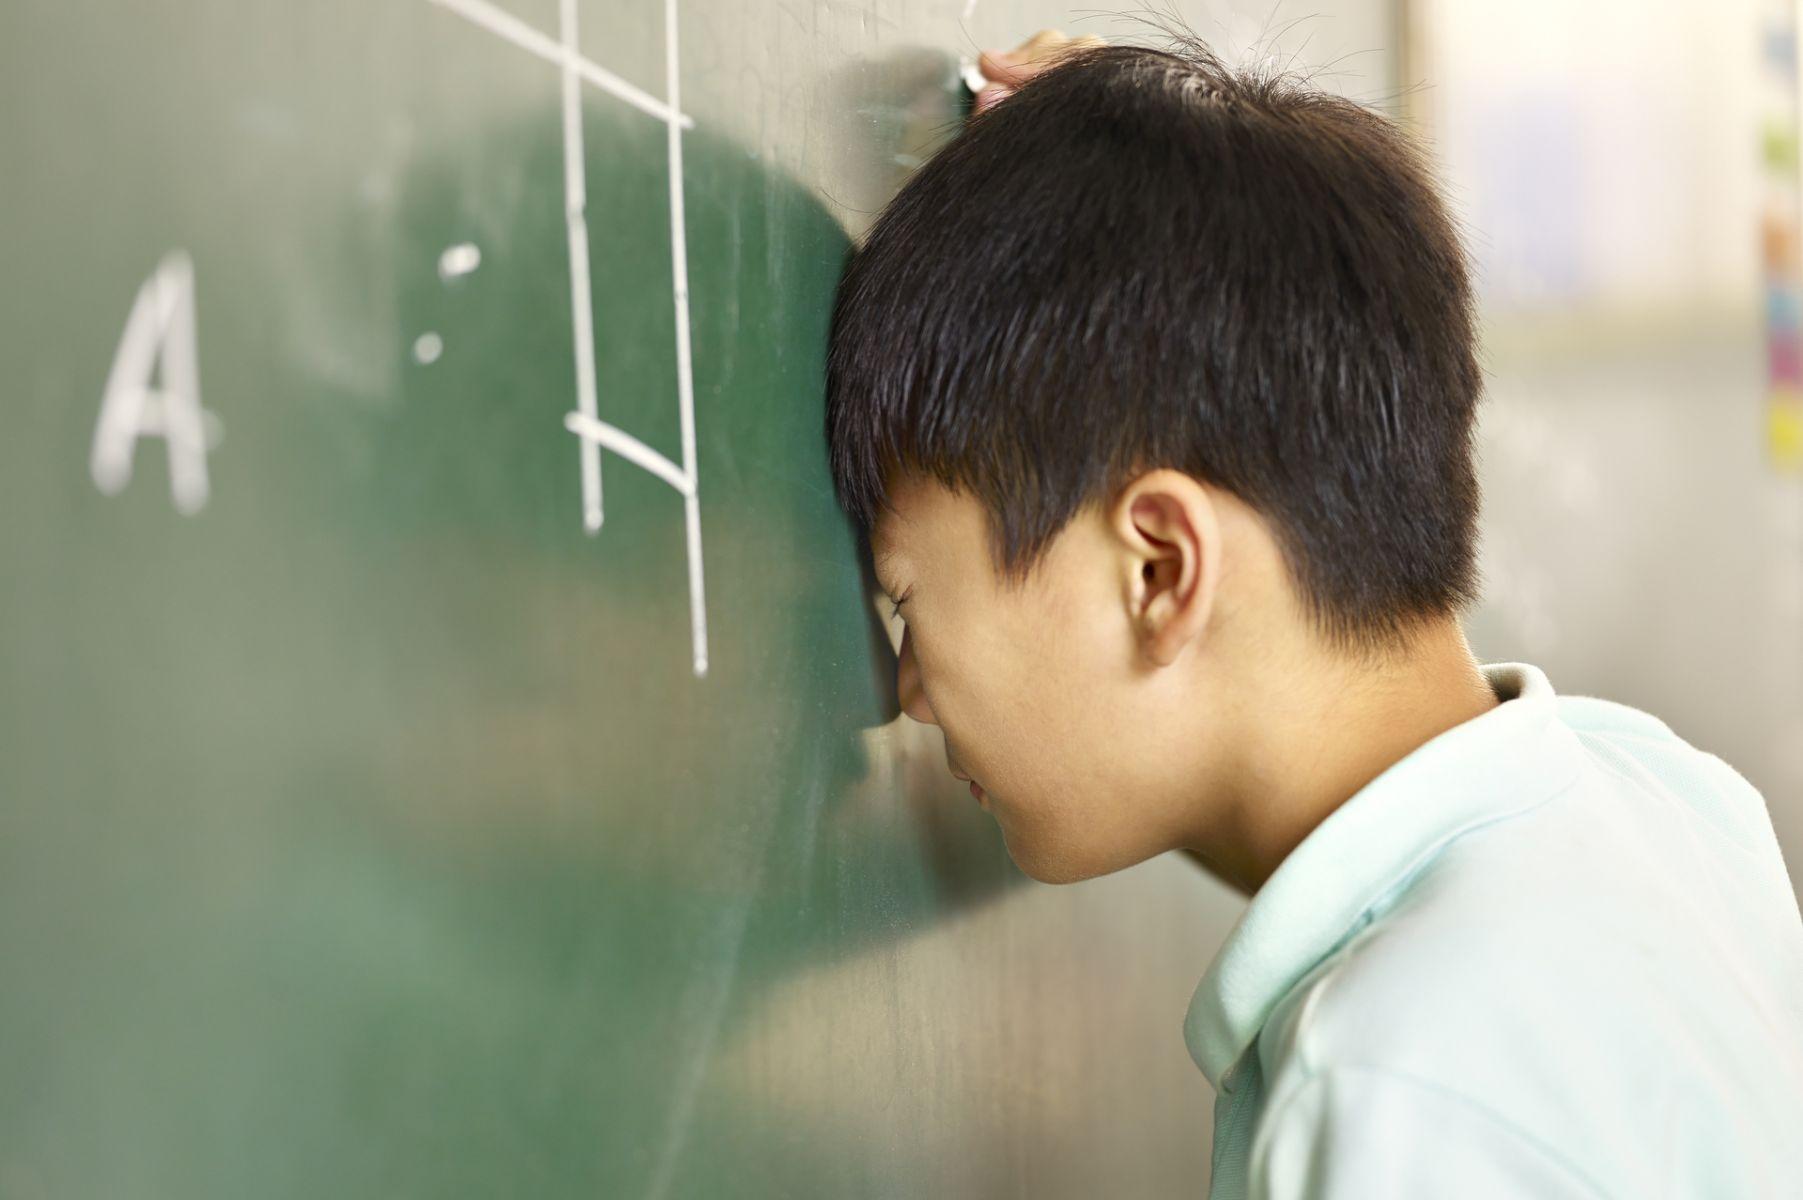 全校學測考不到40級分 學務主任:請別用成績否定學生